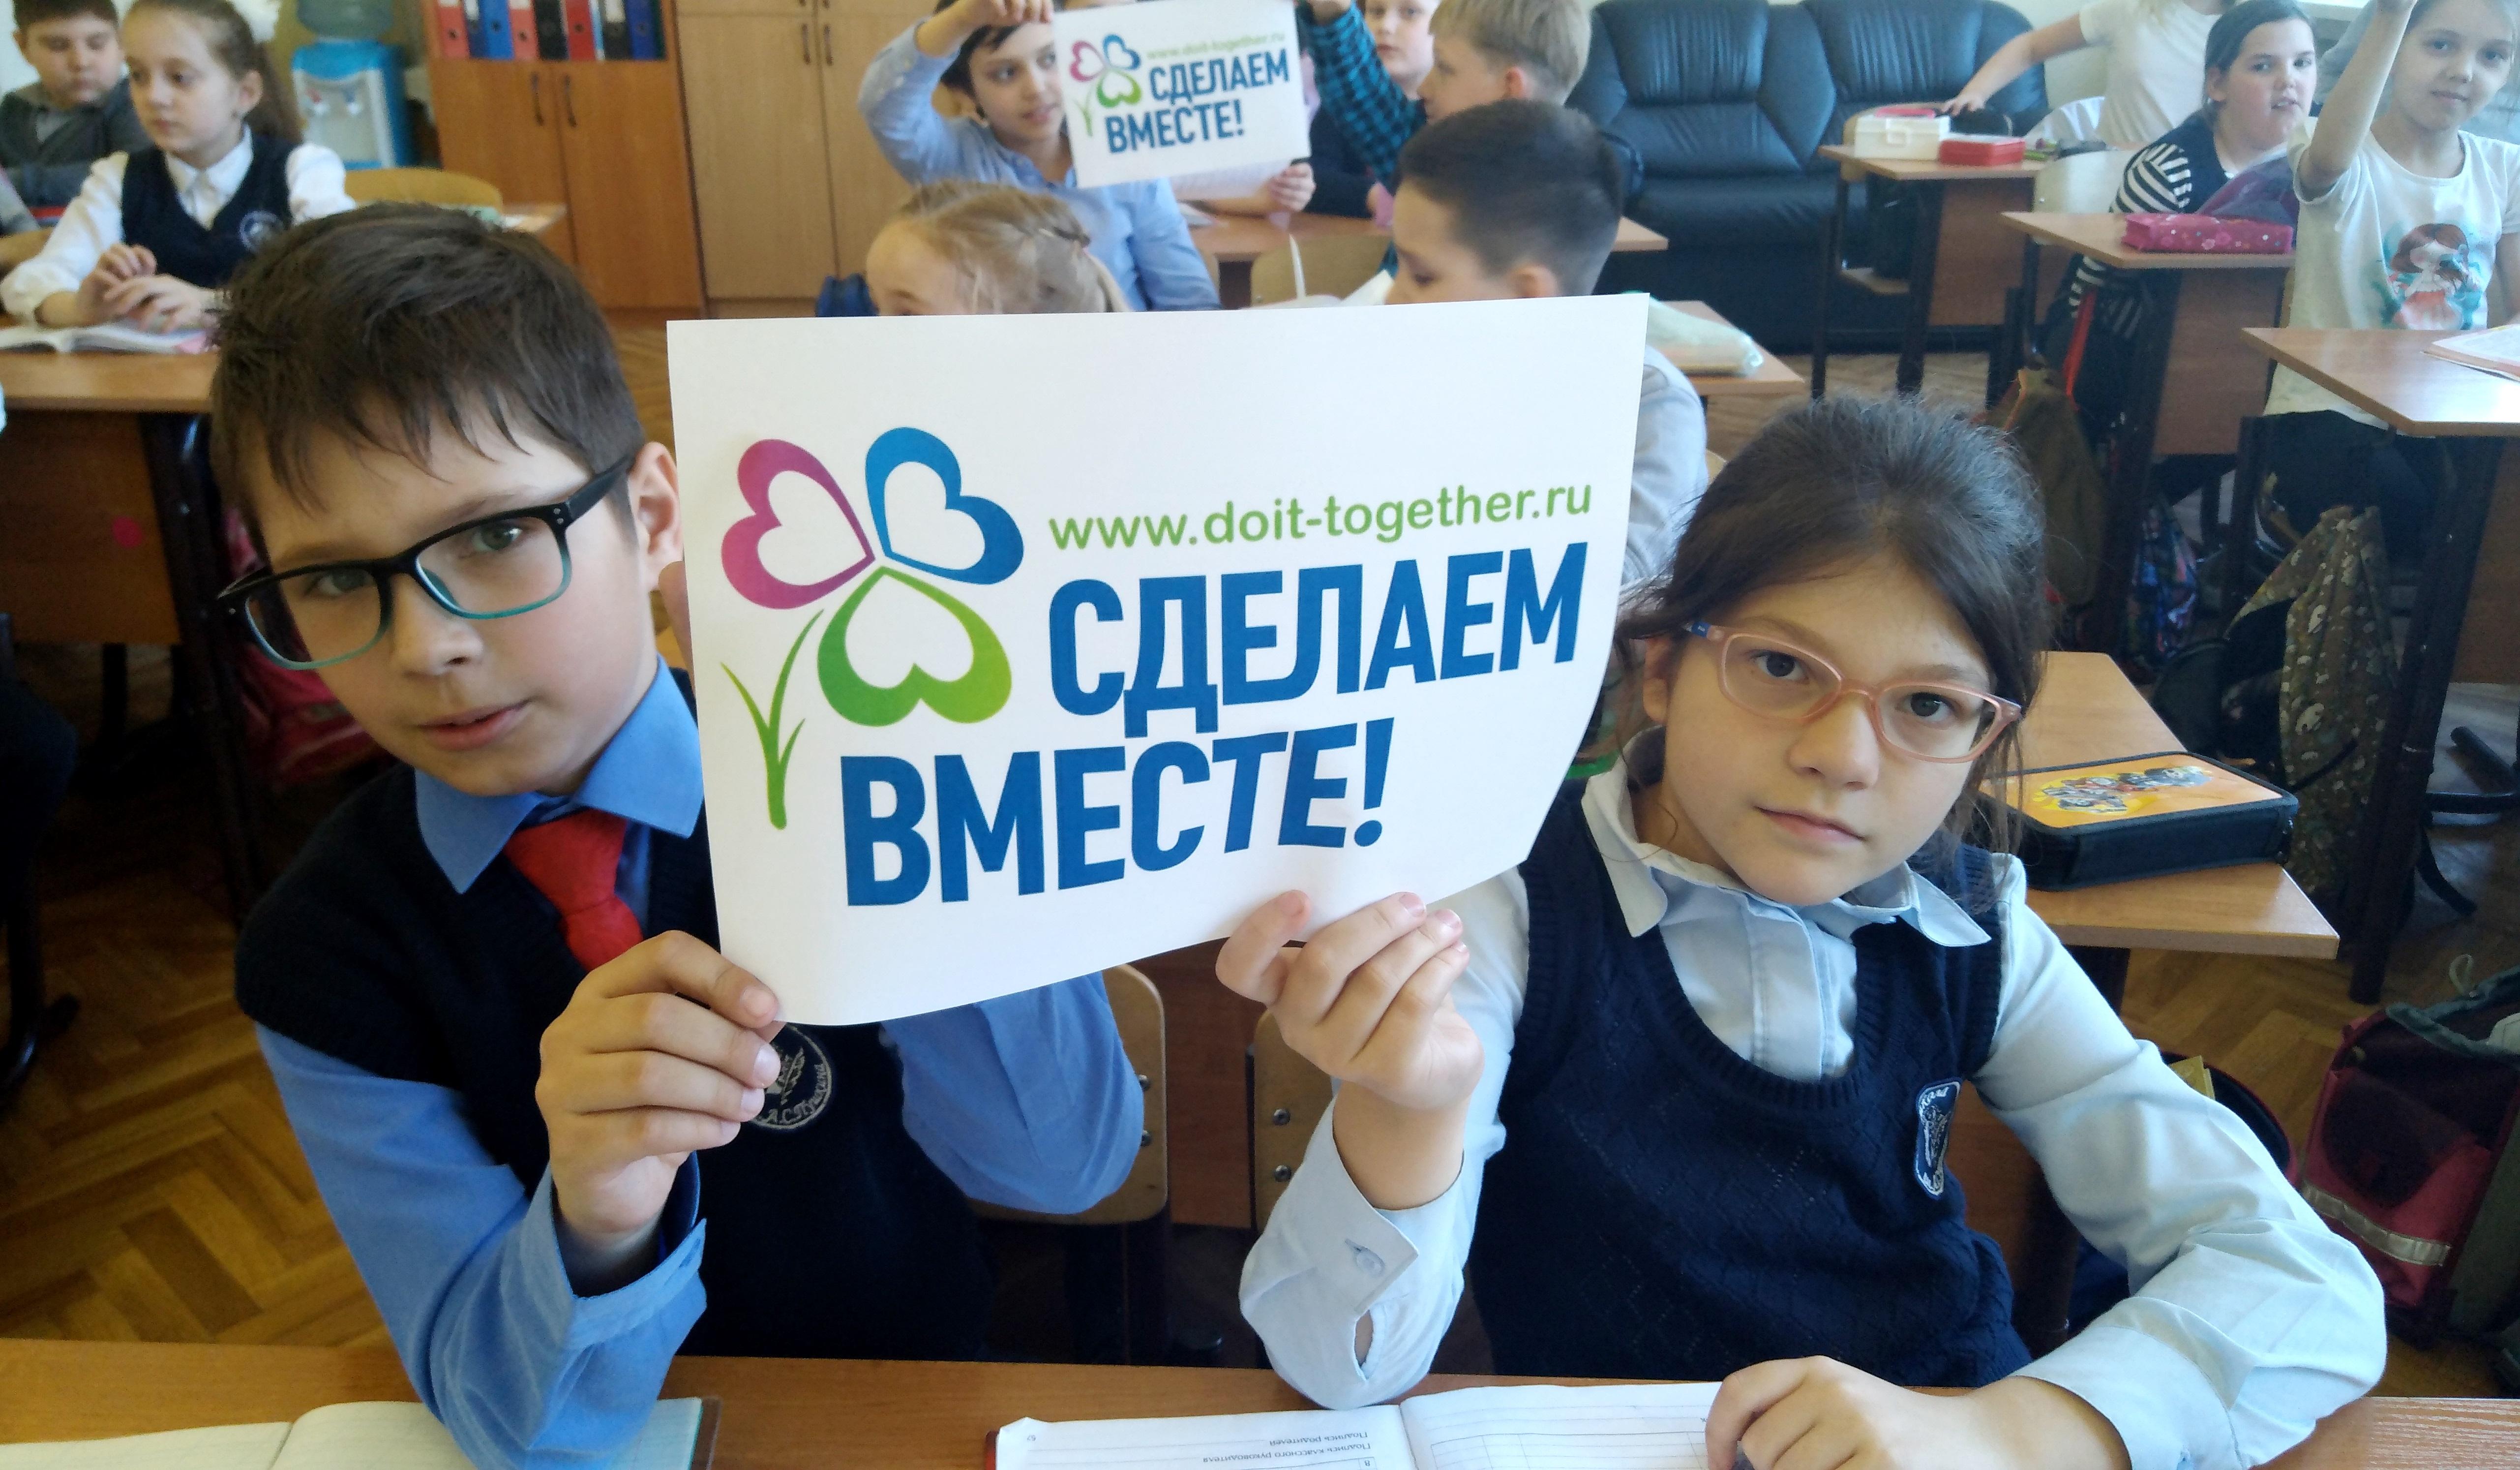 В Узбекистане будет запущен проект «Сделаем вместе. Евразия» при поддержке российского движения «Сделаем вместе!»